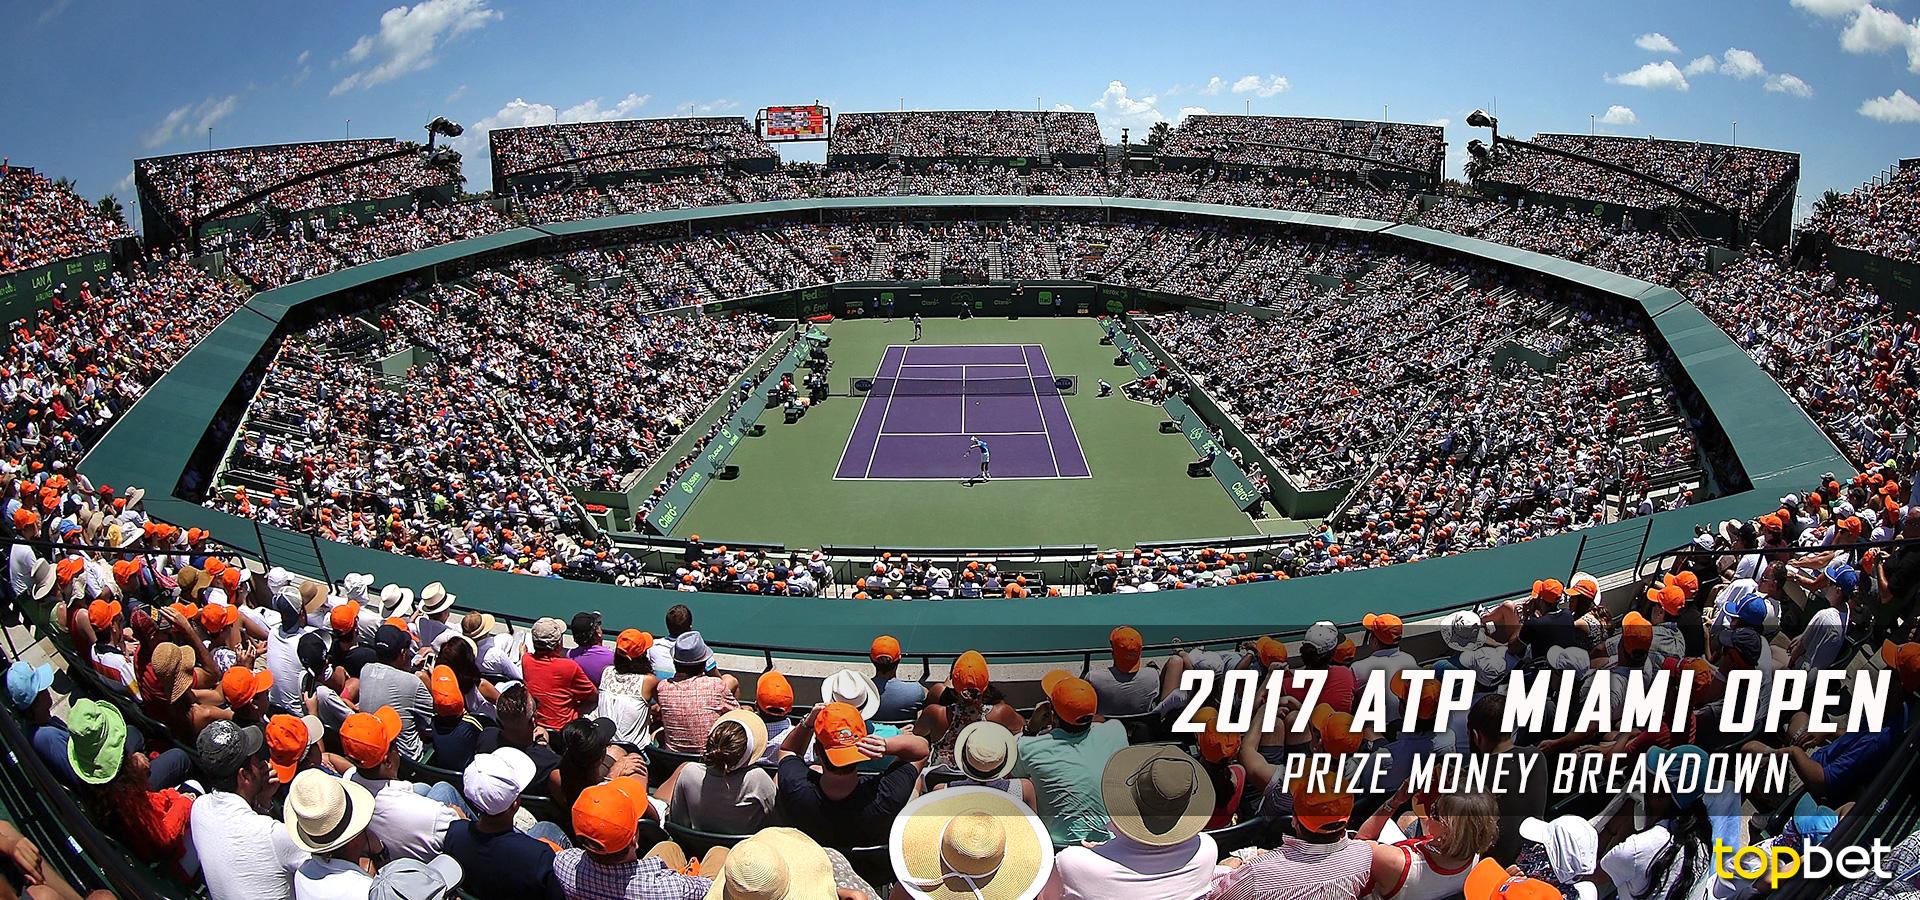 2017 ATP Miami Open Purse and Prize Money Breakdown